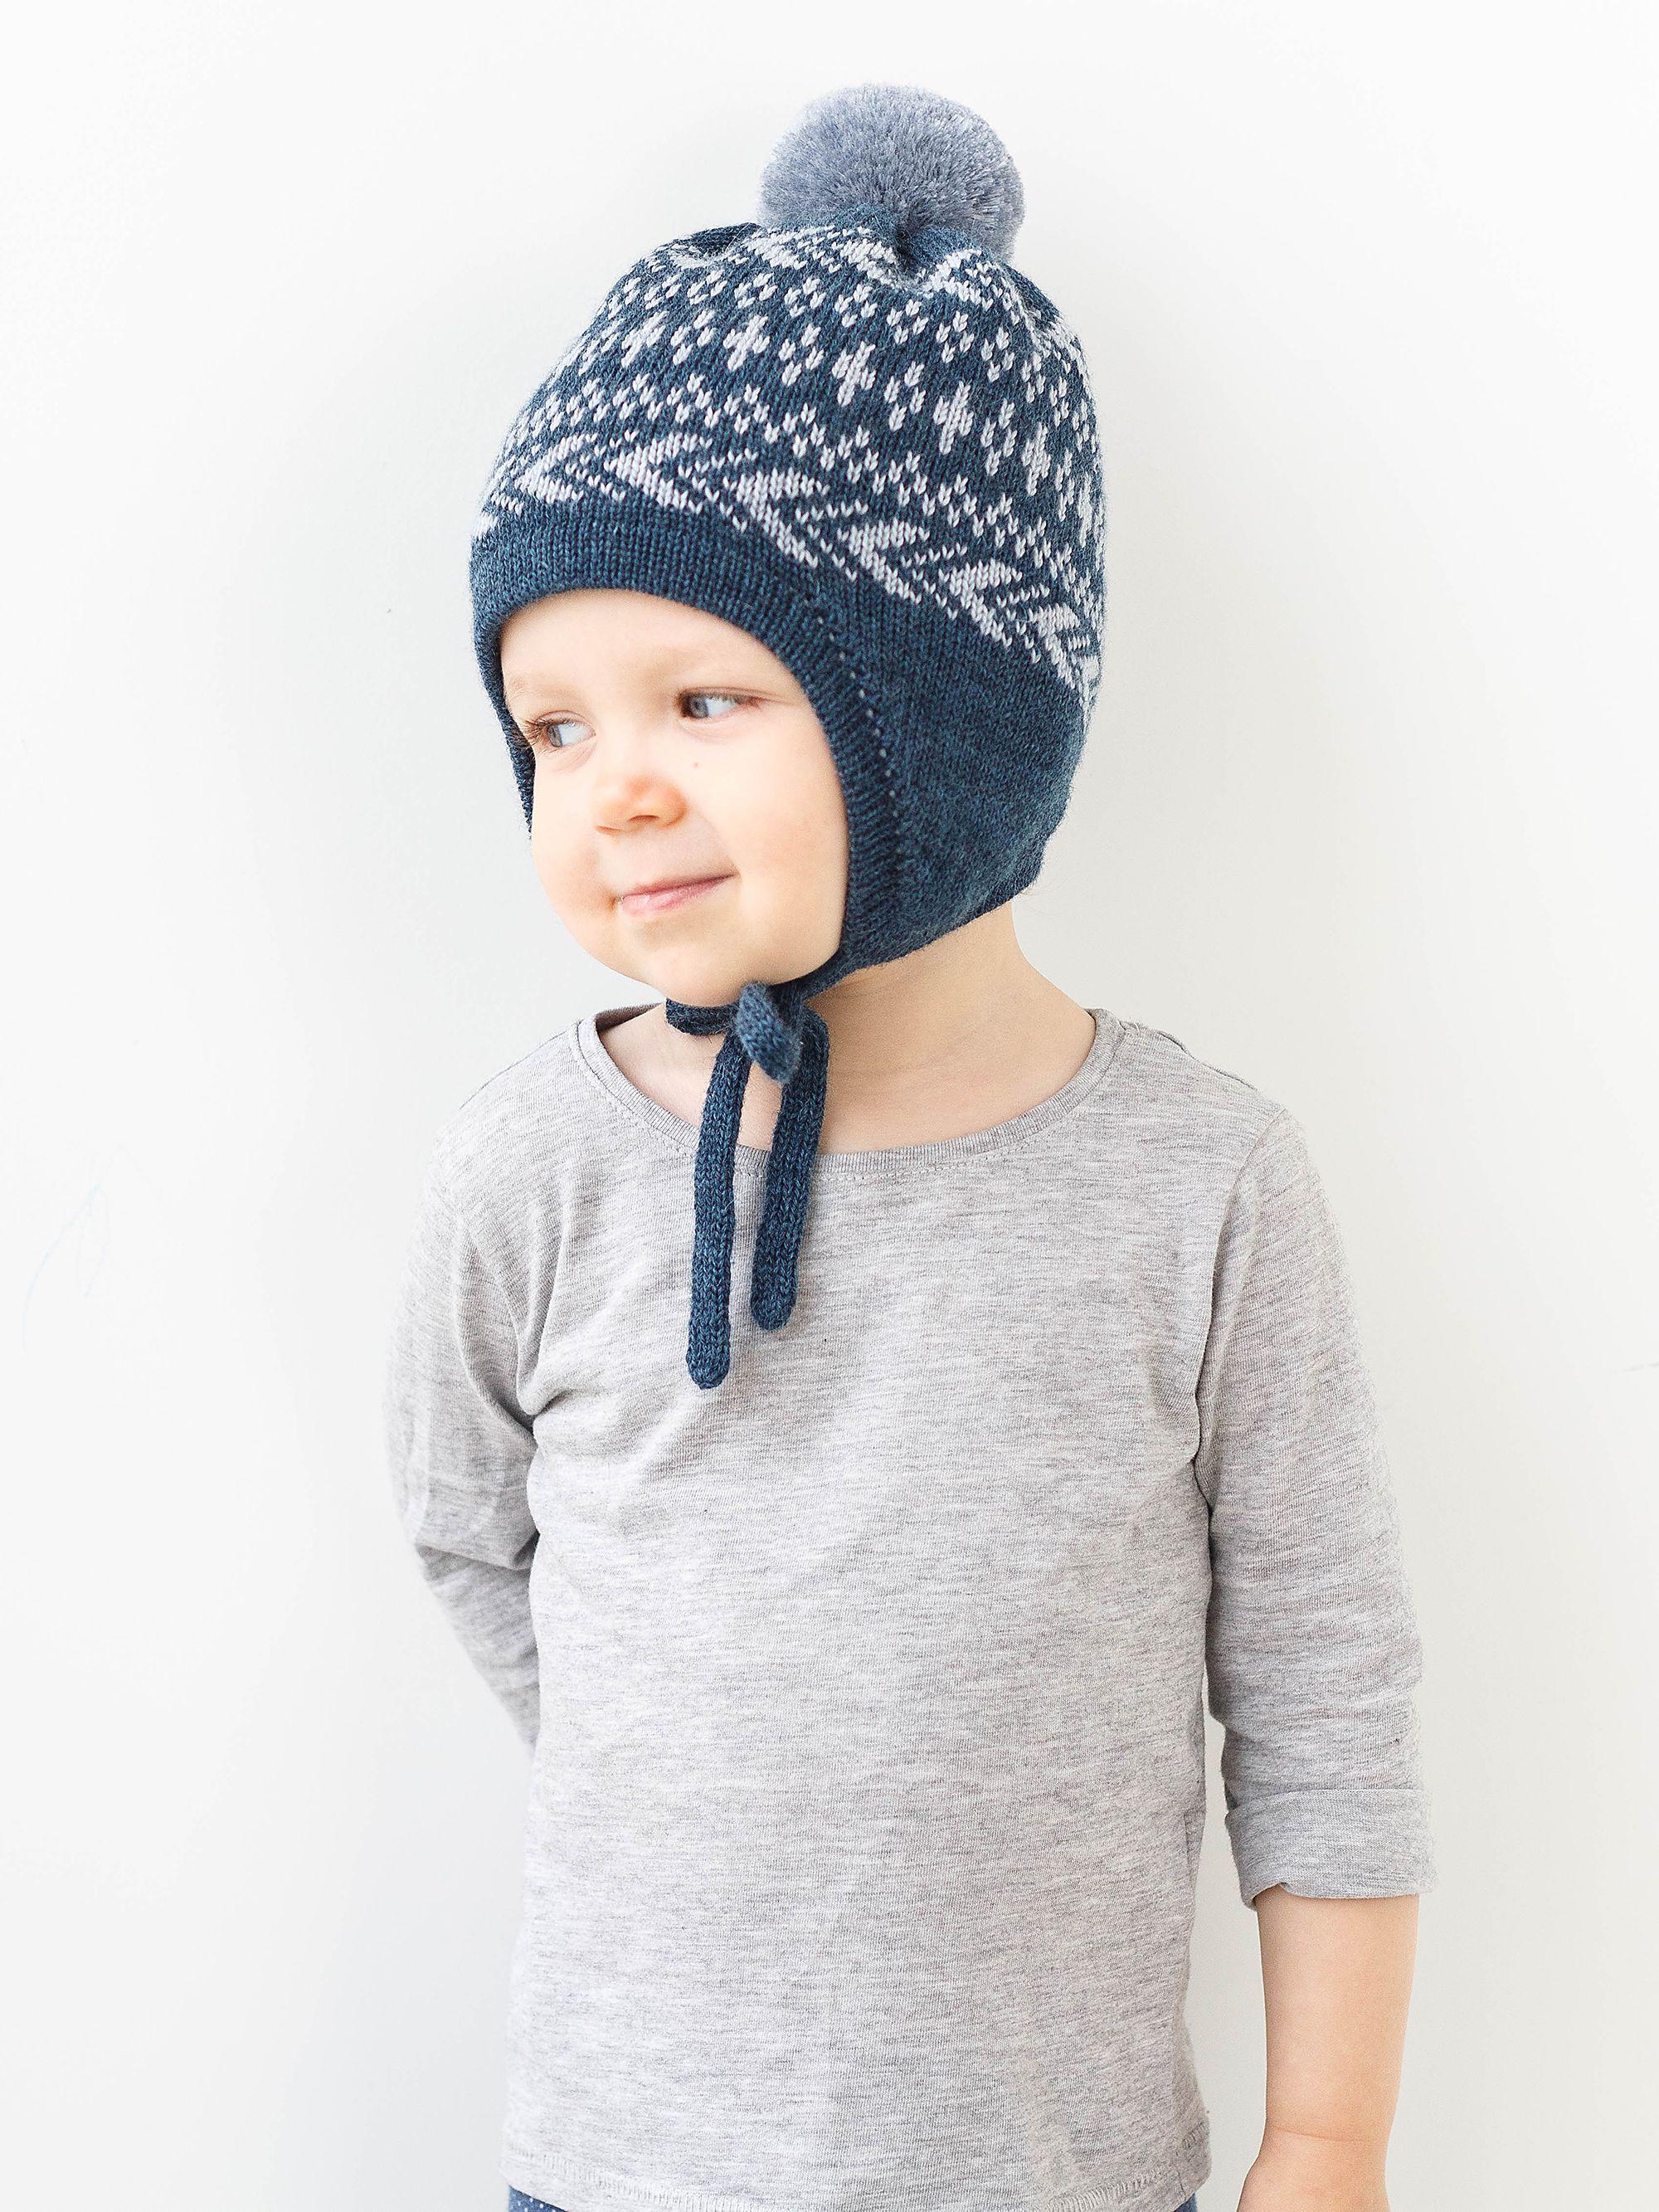 Pin On Toddler Winter